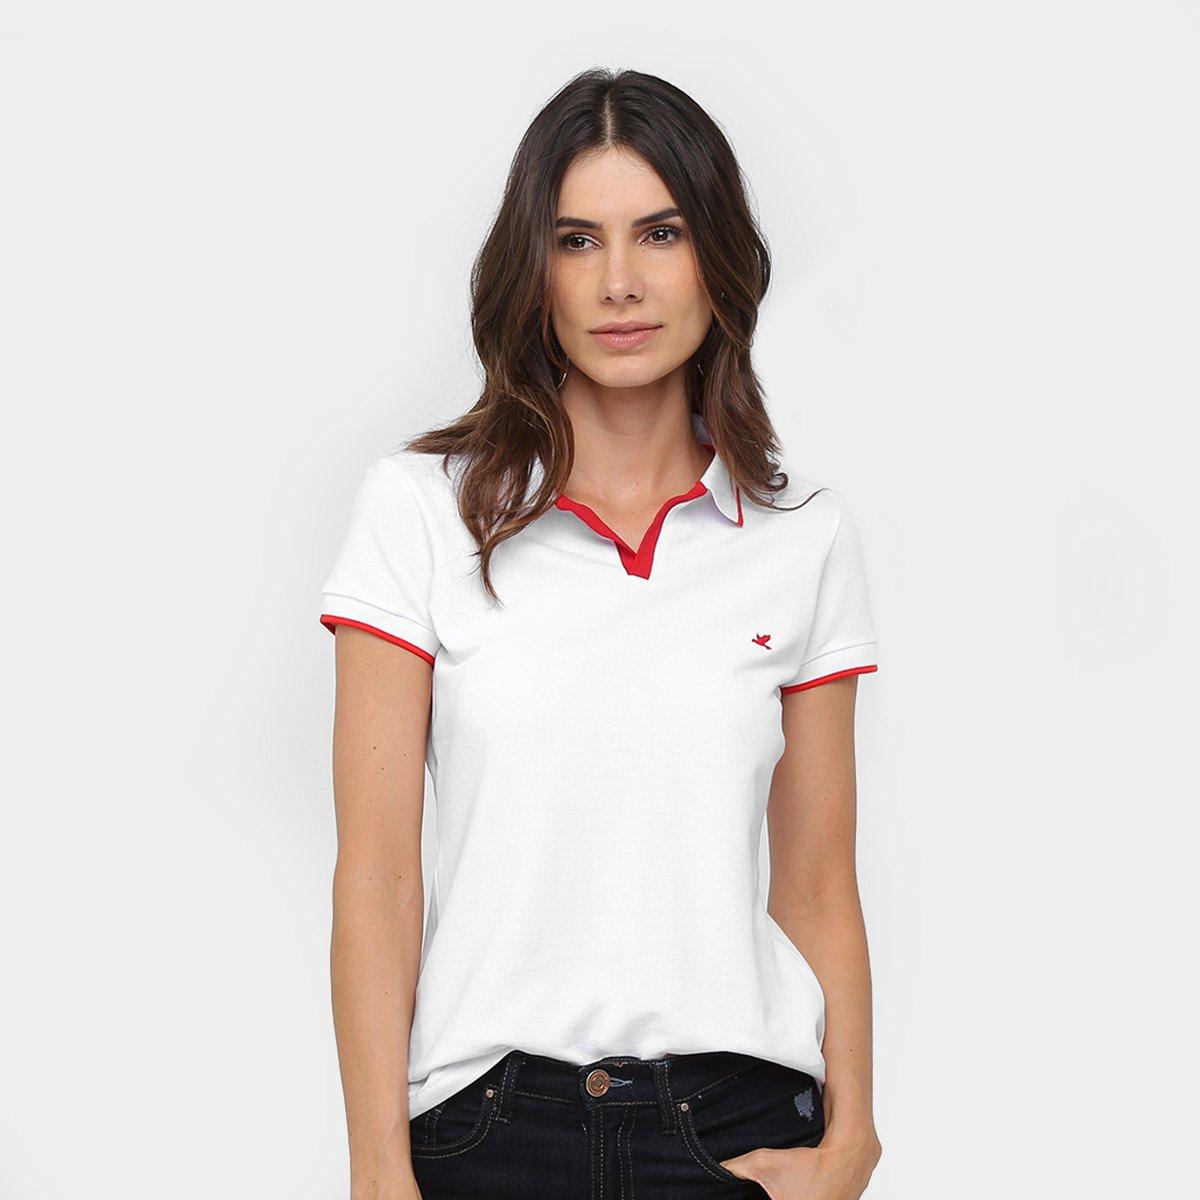 d41127ac37 Camisa Polo Malwee Listra Gola E Manga Feminina - Compre Agora